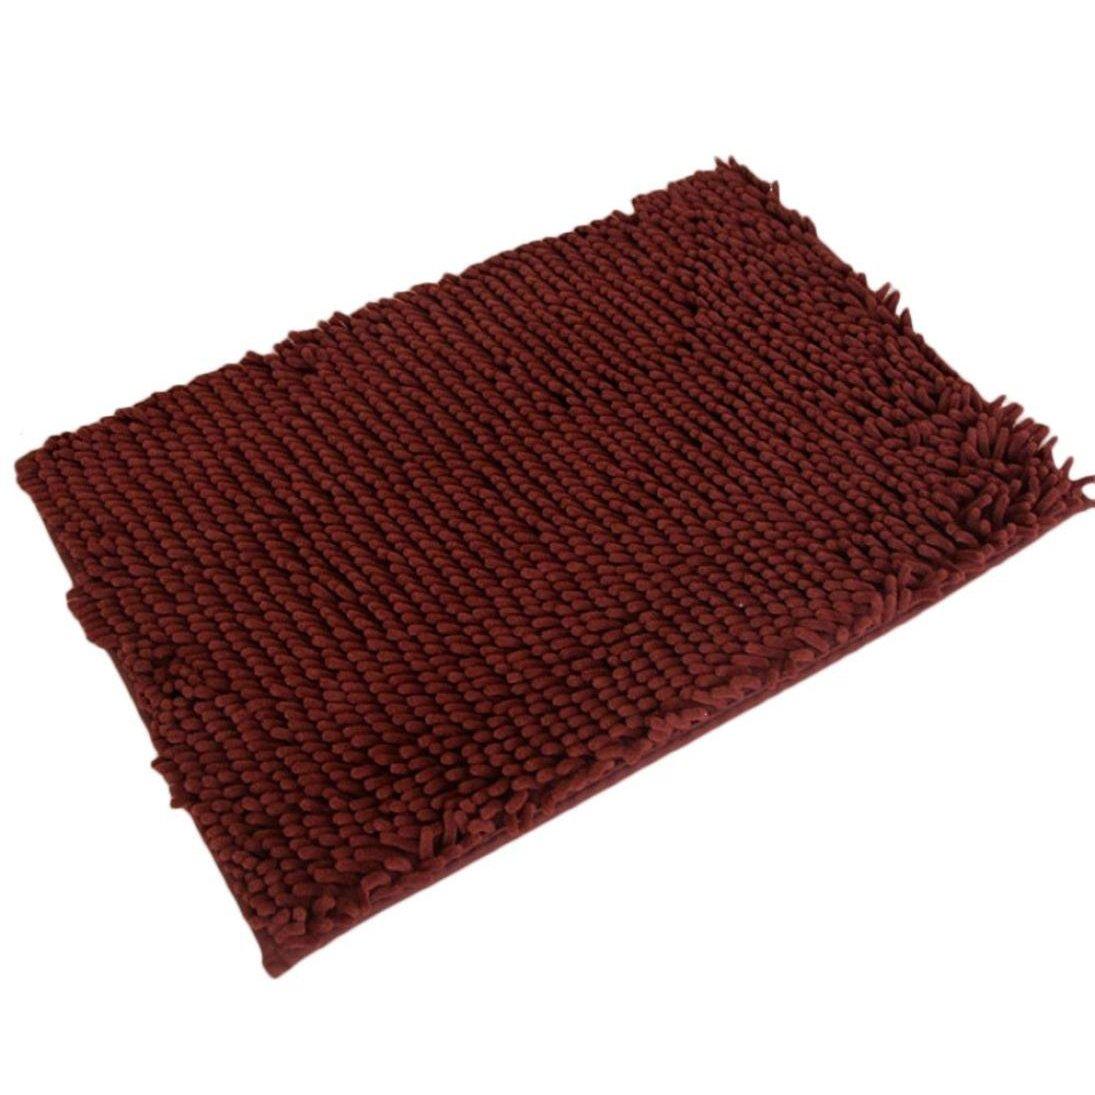 Alfombra de bano - TOOGOO(R)Soft Shaggy antideslizante absorbente Alfombra de bano Bano Ducha estera 40*60cm (cafe) TOOGOO (R)